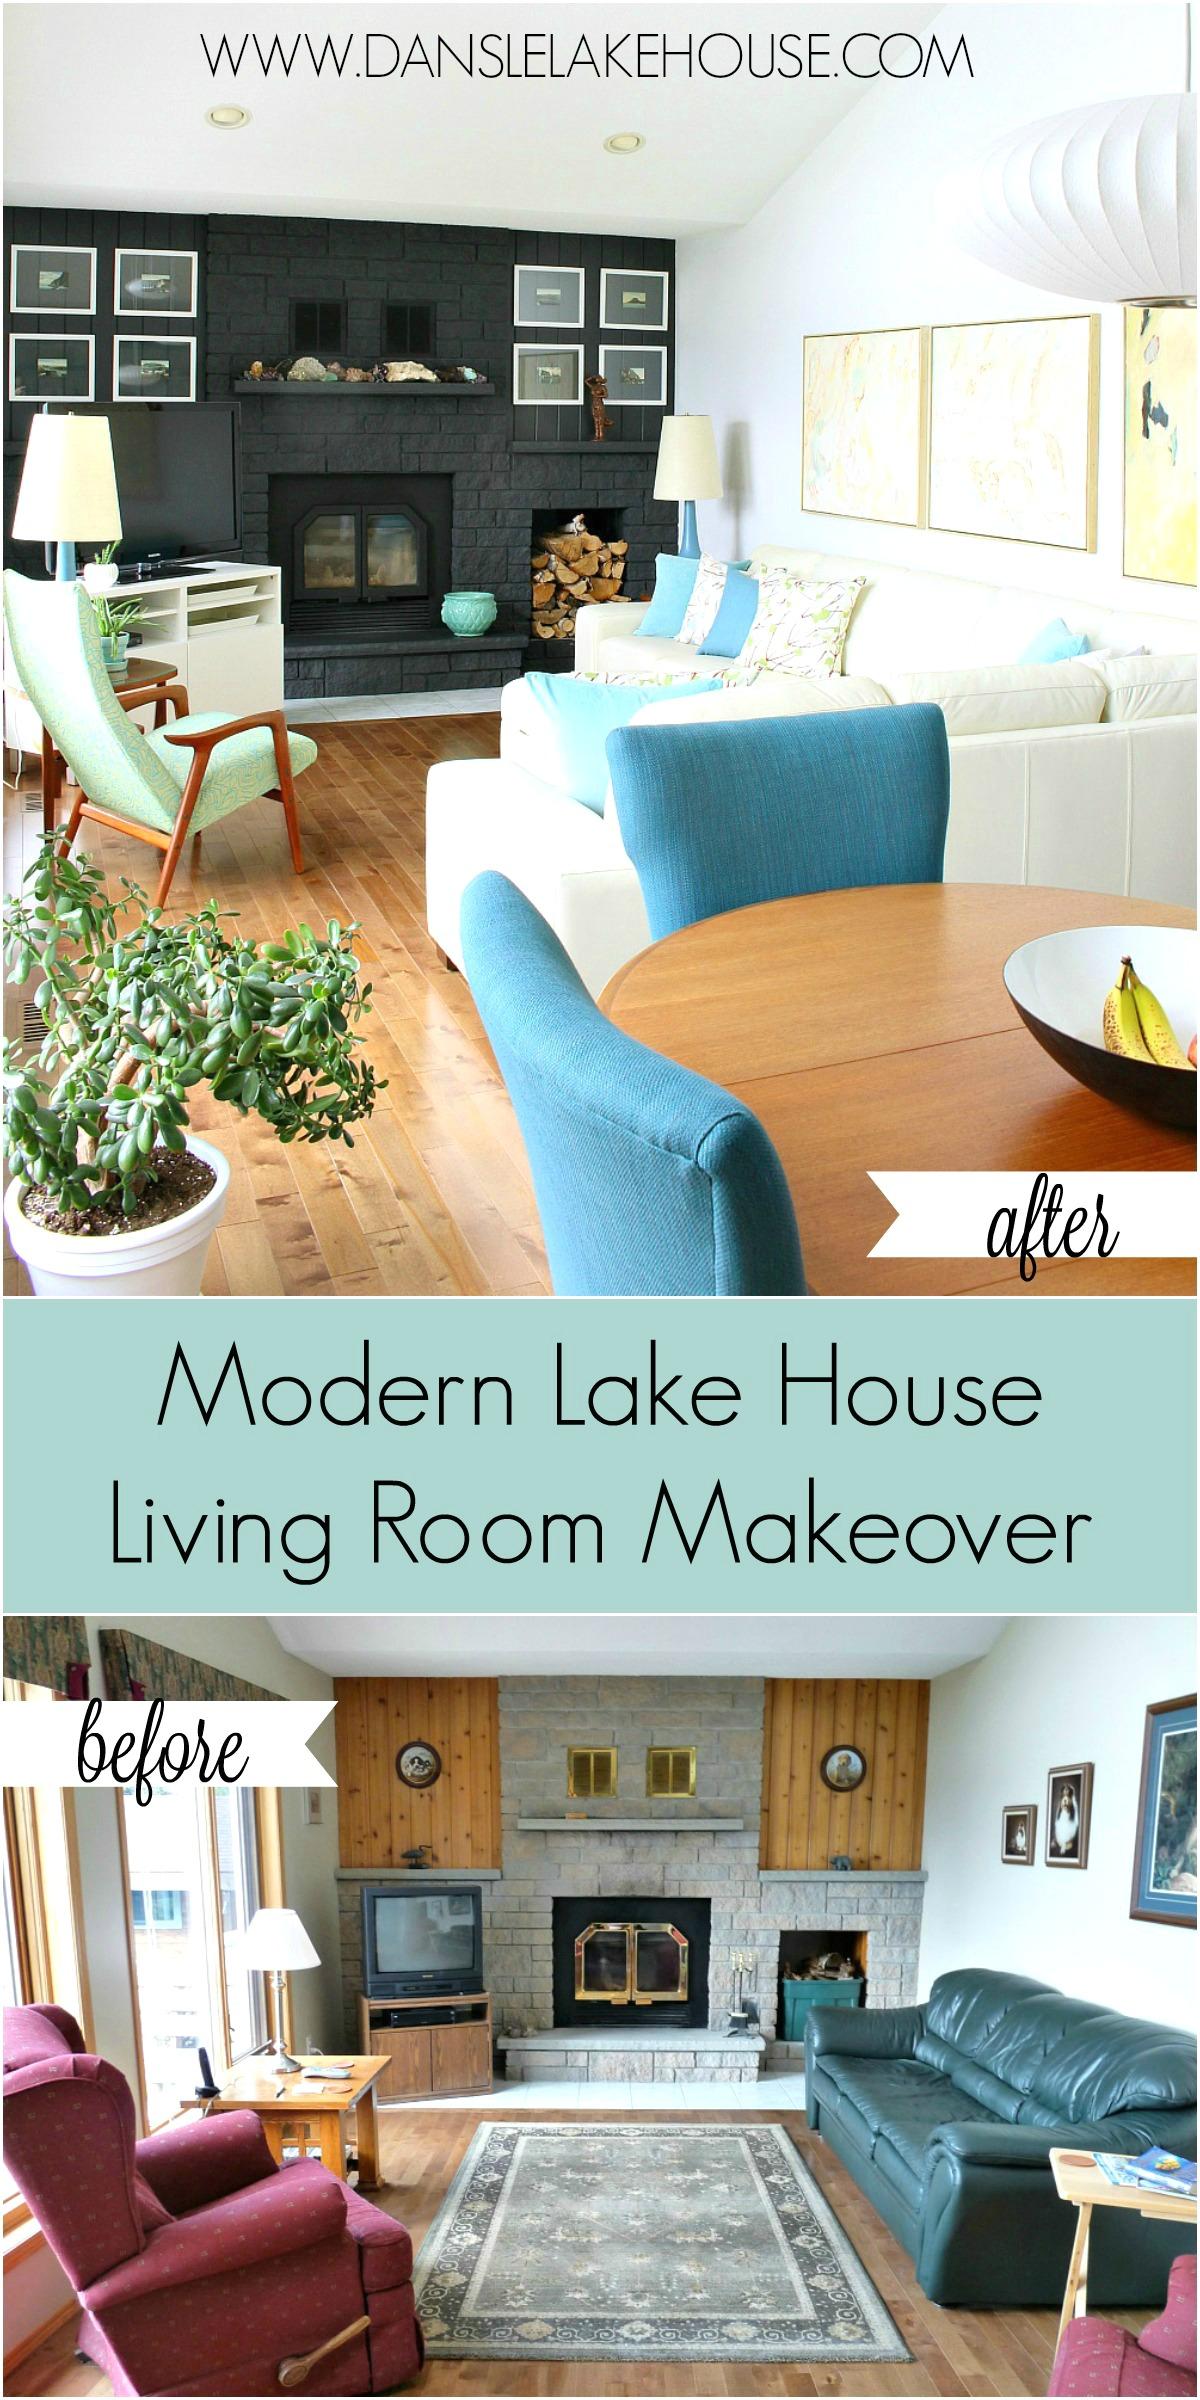 Modern Lake House Living Room Makeover